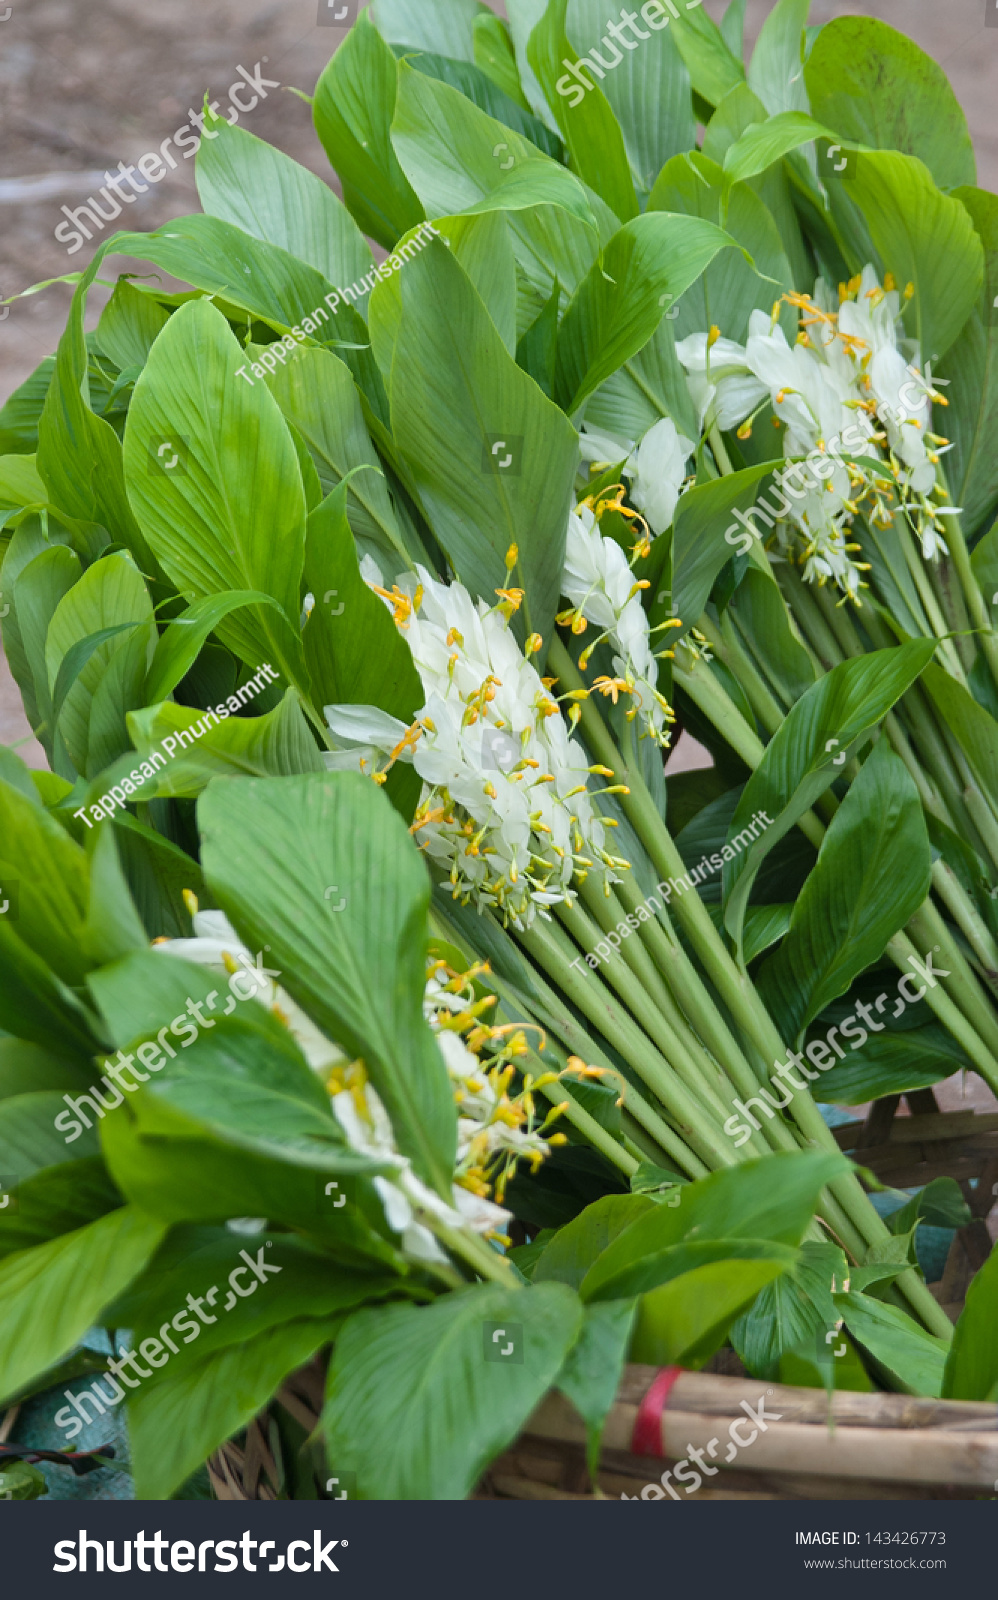 White dragon flower smithatris supraneanae globba stock photo edit white dragon flower smithatris supraneanae or globba winitii in kengtong central marketis mightylinksfo